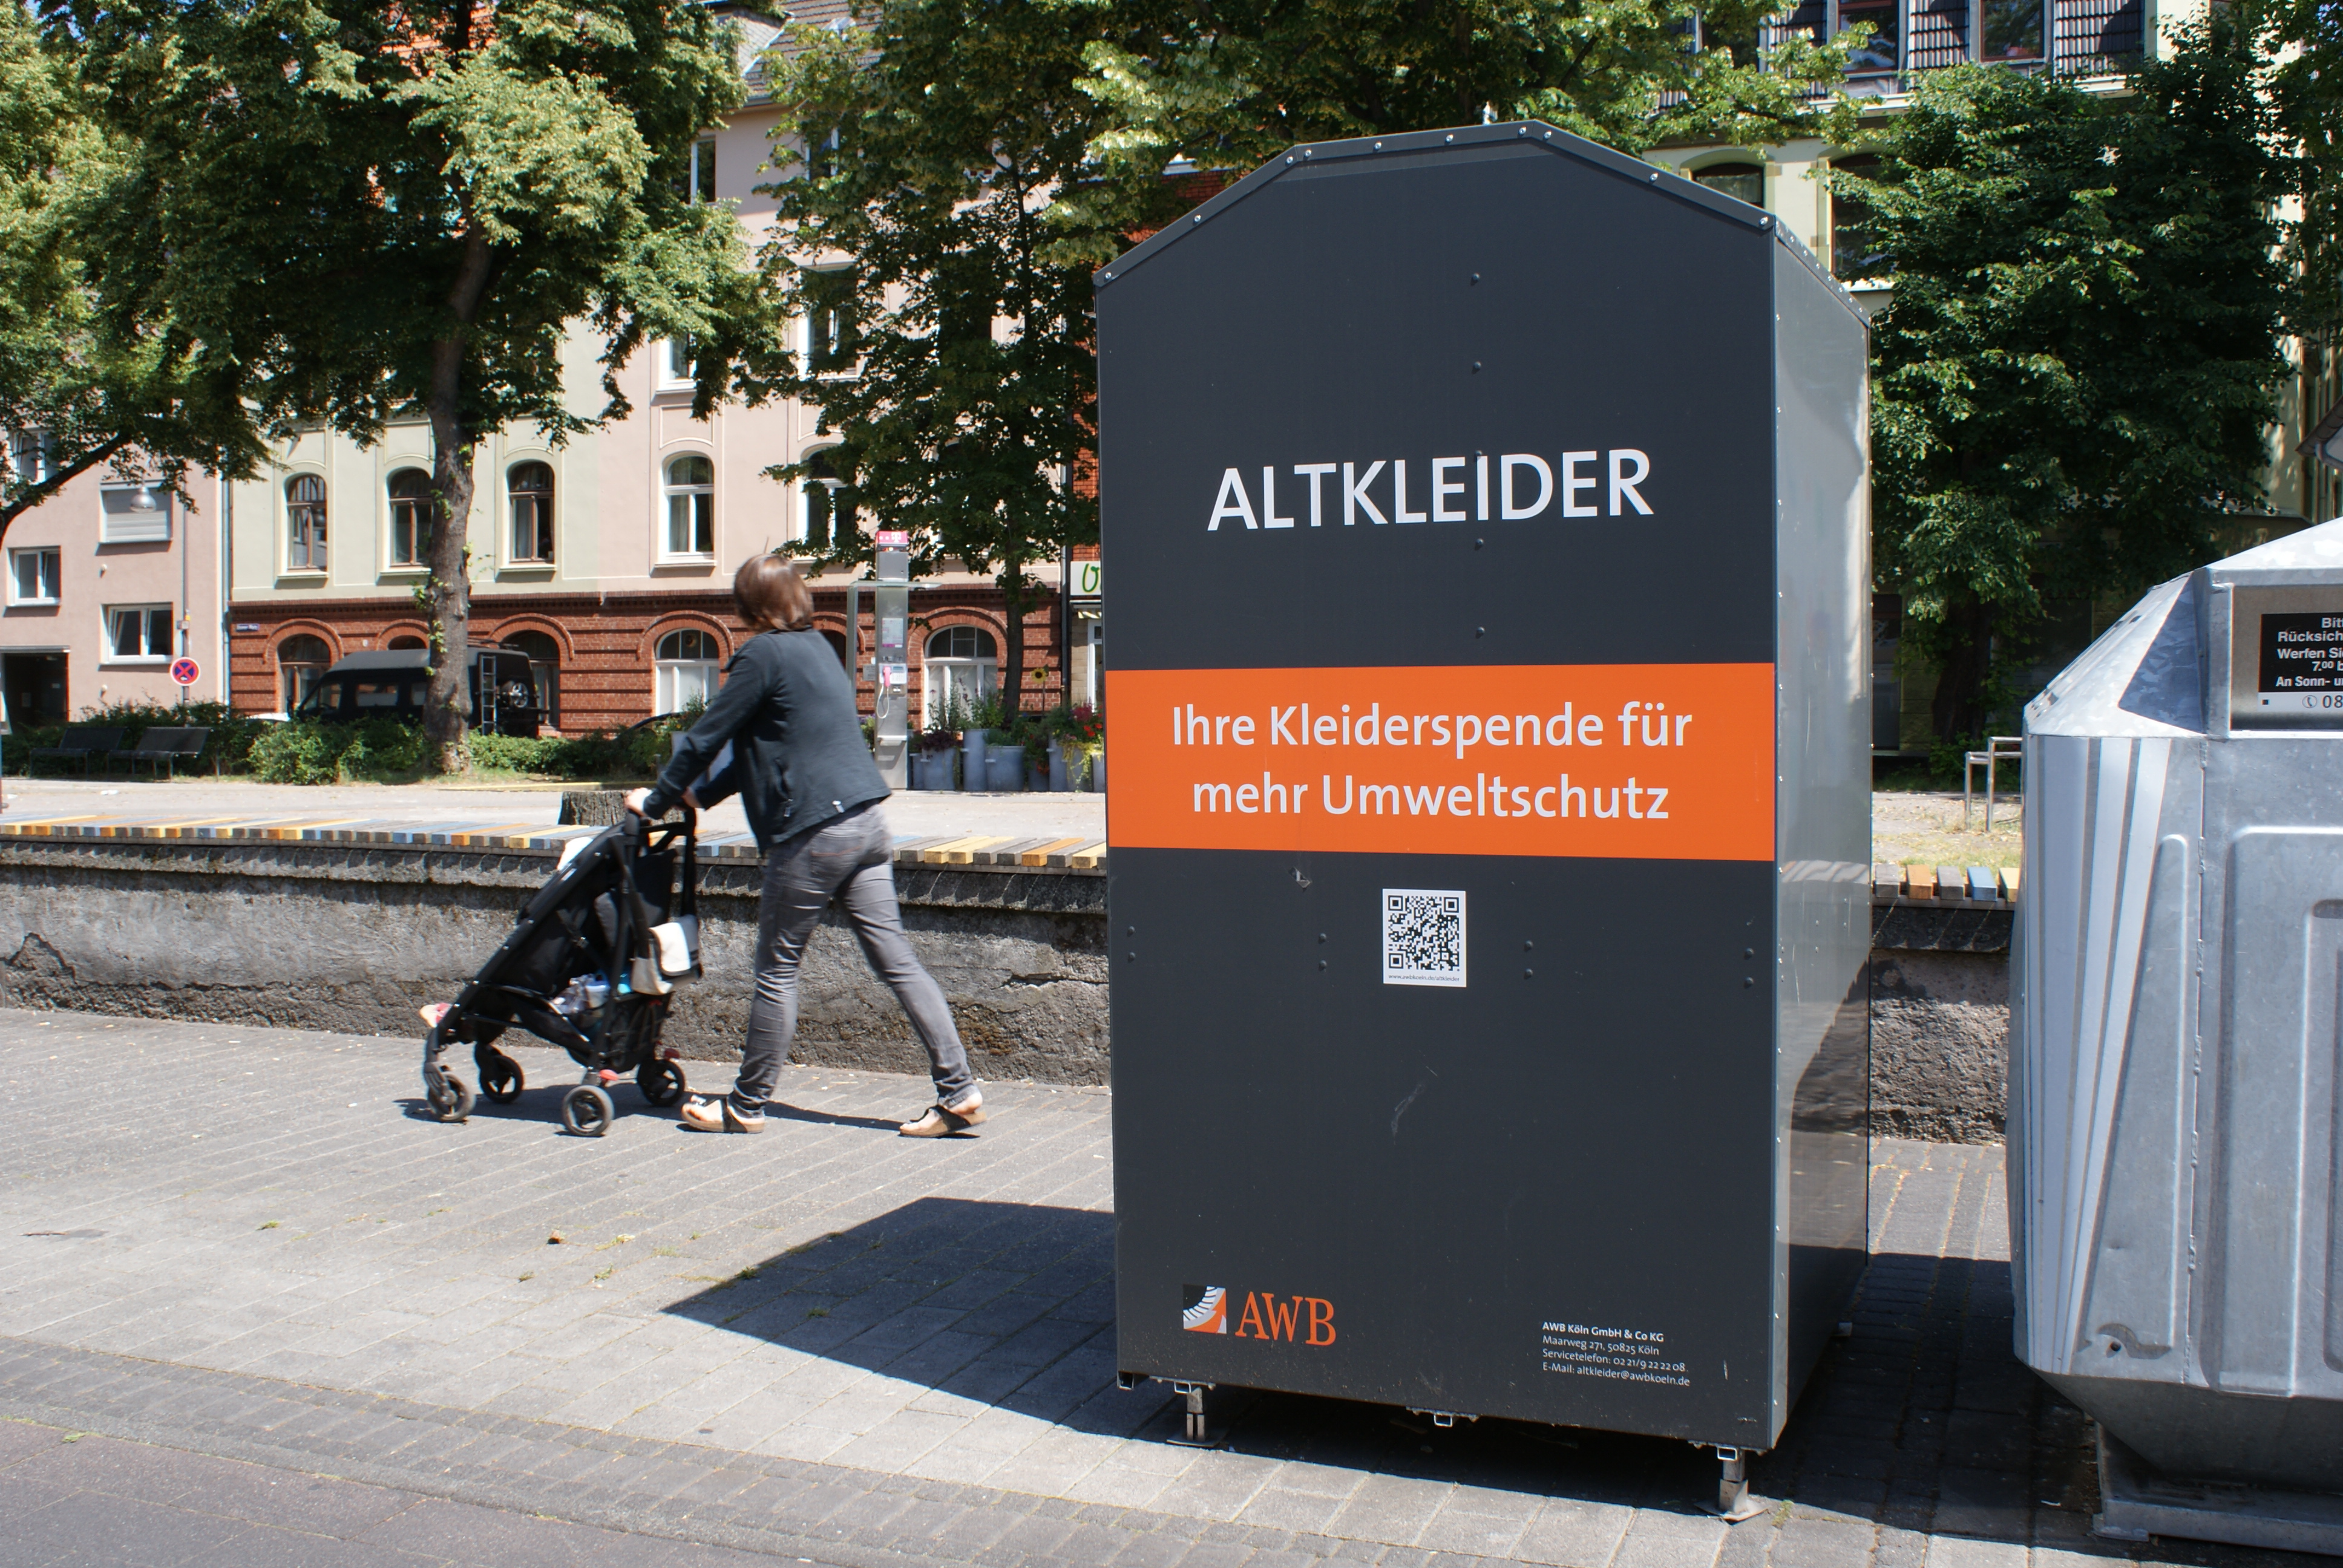 """Auf jedem ihrer Altkleidercontainer verspricht die Stadt Köln: """"Jeweils 50 % der verbleibenden Vermarktungserlöse der gespendeten Altkleider gehen an karitative Altkleidersammler bzw. werden zur Reduzierung der Kölner Abfallgebühren verwendet."""""""